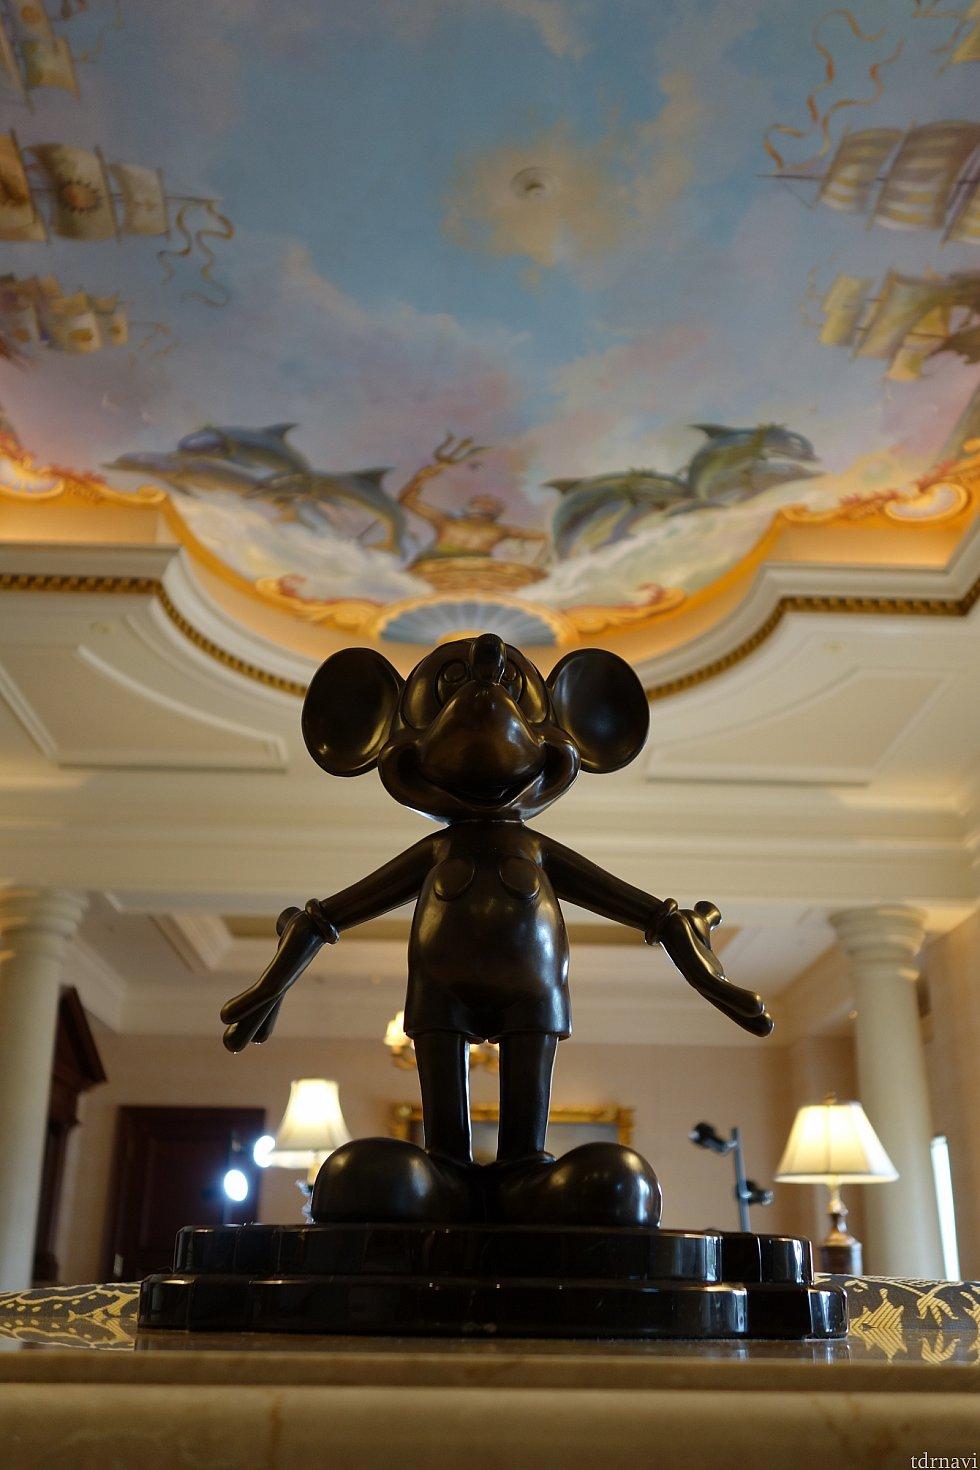 翌朝のミッキーマウス その後行ったパリディズニーでもこのスタイルのミッキー像ありました!天井も素敵✨